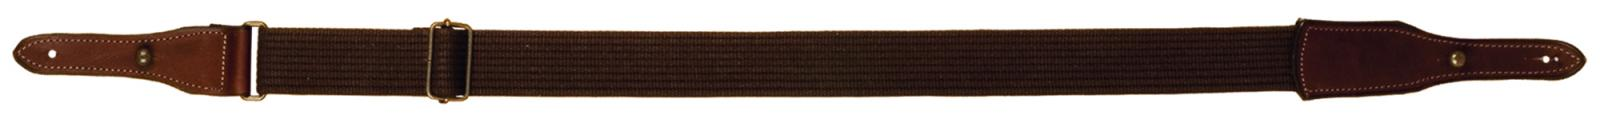 Bretelle Cobra en cuir gras avec sangle coton 40mm COUNTRY SELLIER